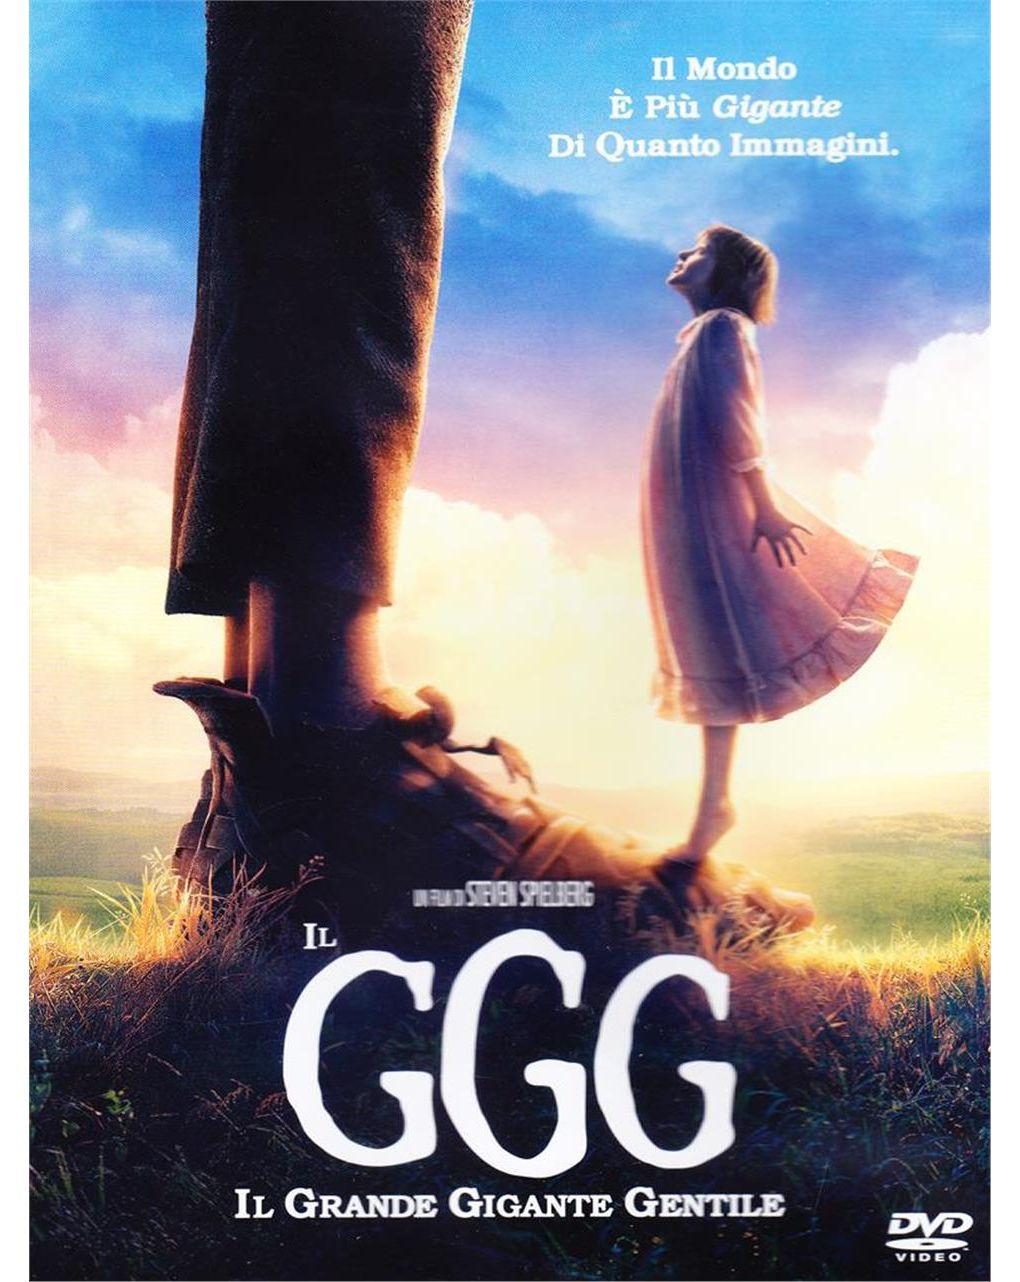 Dvd ggg - il grande gigante gentile - Video Delta